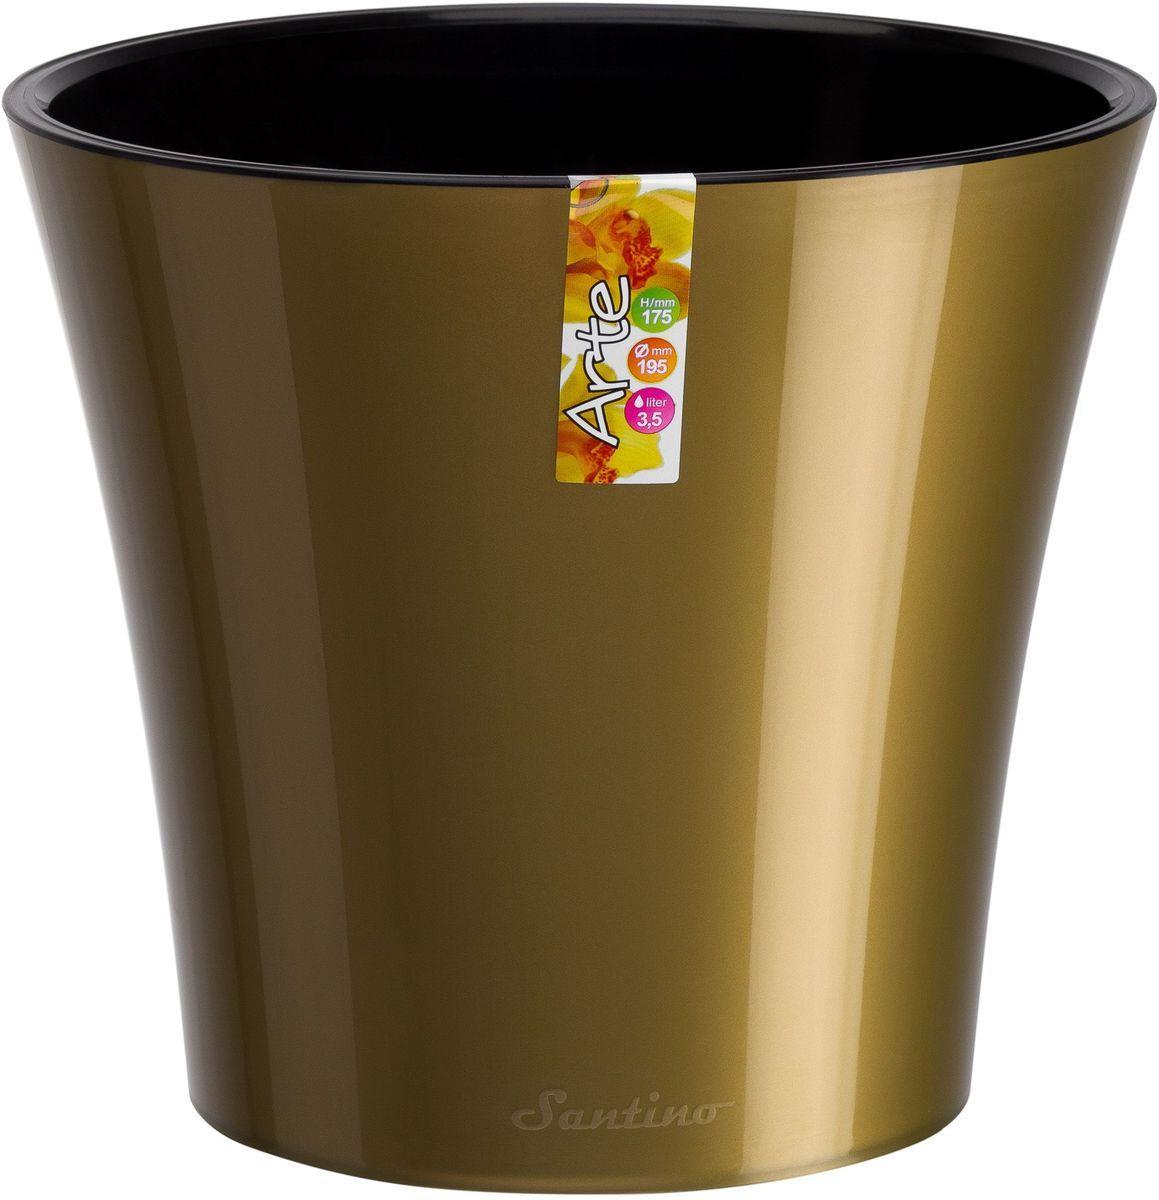 Горшок цветочный Santino Арте, двойной, с системой автополива, цвет: золотой, черный, 5 л531-106Горшок цветочный Santino Арте снабжен дренажной системой и состоит из кашпо и вазона-вкладыша. Изготовлен из пластика. Особенность: тарелочка или блюдце не нужны. Горшок предназначен для любых растений или цветов. Цветочный дренаж – это система, которая позволяет выводить лишнюю влагу через корневую систему цветка и слой почвы. Растение – это живой организм, следовательно, ему необходимо дышать. В доступе к кислороду нуждаются все части растения: -листья; -корневая система. Если цветовод по какой-либо причине зальет цветок водой, то она буквально вытеснит из почвенного слоя все пузырьки кислорода. Анаэробная среда способствует развитию различного рода бактерий. Безвоздушная среда приводит к загниванию корневой системы, цветок в результате увядает. Суть работы дренажной системы заключается в том, чтобы осуществлять отвод лишней влаги от растения и давать возможность корневой системе дышать без проблем. Следовательно, каждому цветку необходимо: -иметь в основании цветочного горшочка хотя бы одно небольшое дренажное отверстие. Оно необходимо для того, чтобы через него выходила лишняя вода, плюс ко всему это отверстие дает возможность циркулировать воздух. -на самом дне горшка необходимо выложить слоем в 2-5 см (зависит от вида растения) дренаж.УВАЖАЕМЫЕ КЛИЕНТЫ!Обращаем ваше внимание на тот факт, что фото изделия служит для визуального восприятия товара. Литраж и размеры, представленные на этикетке товара, могут по факту отличаться от реальных. Корректные данные в поле Размеры.